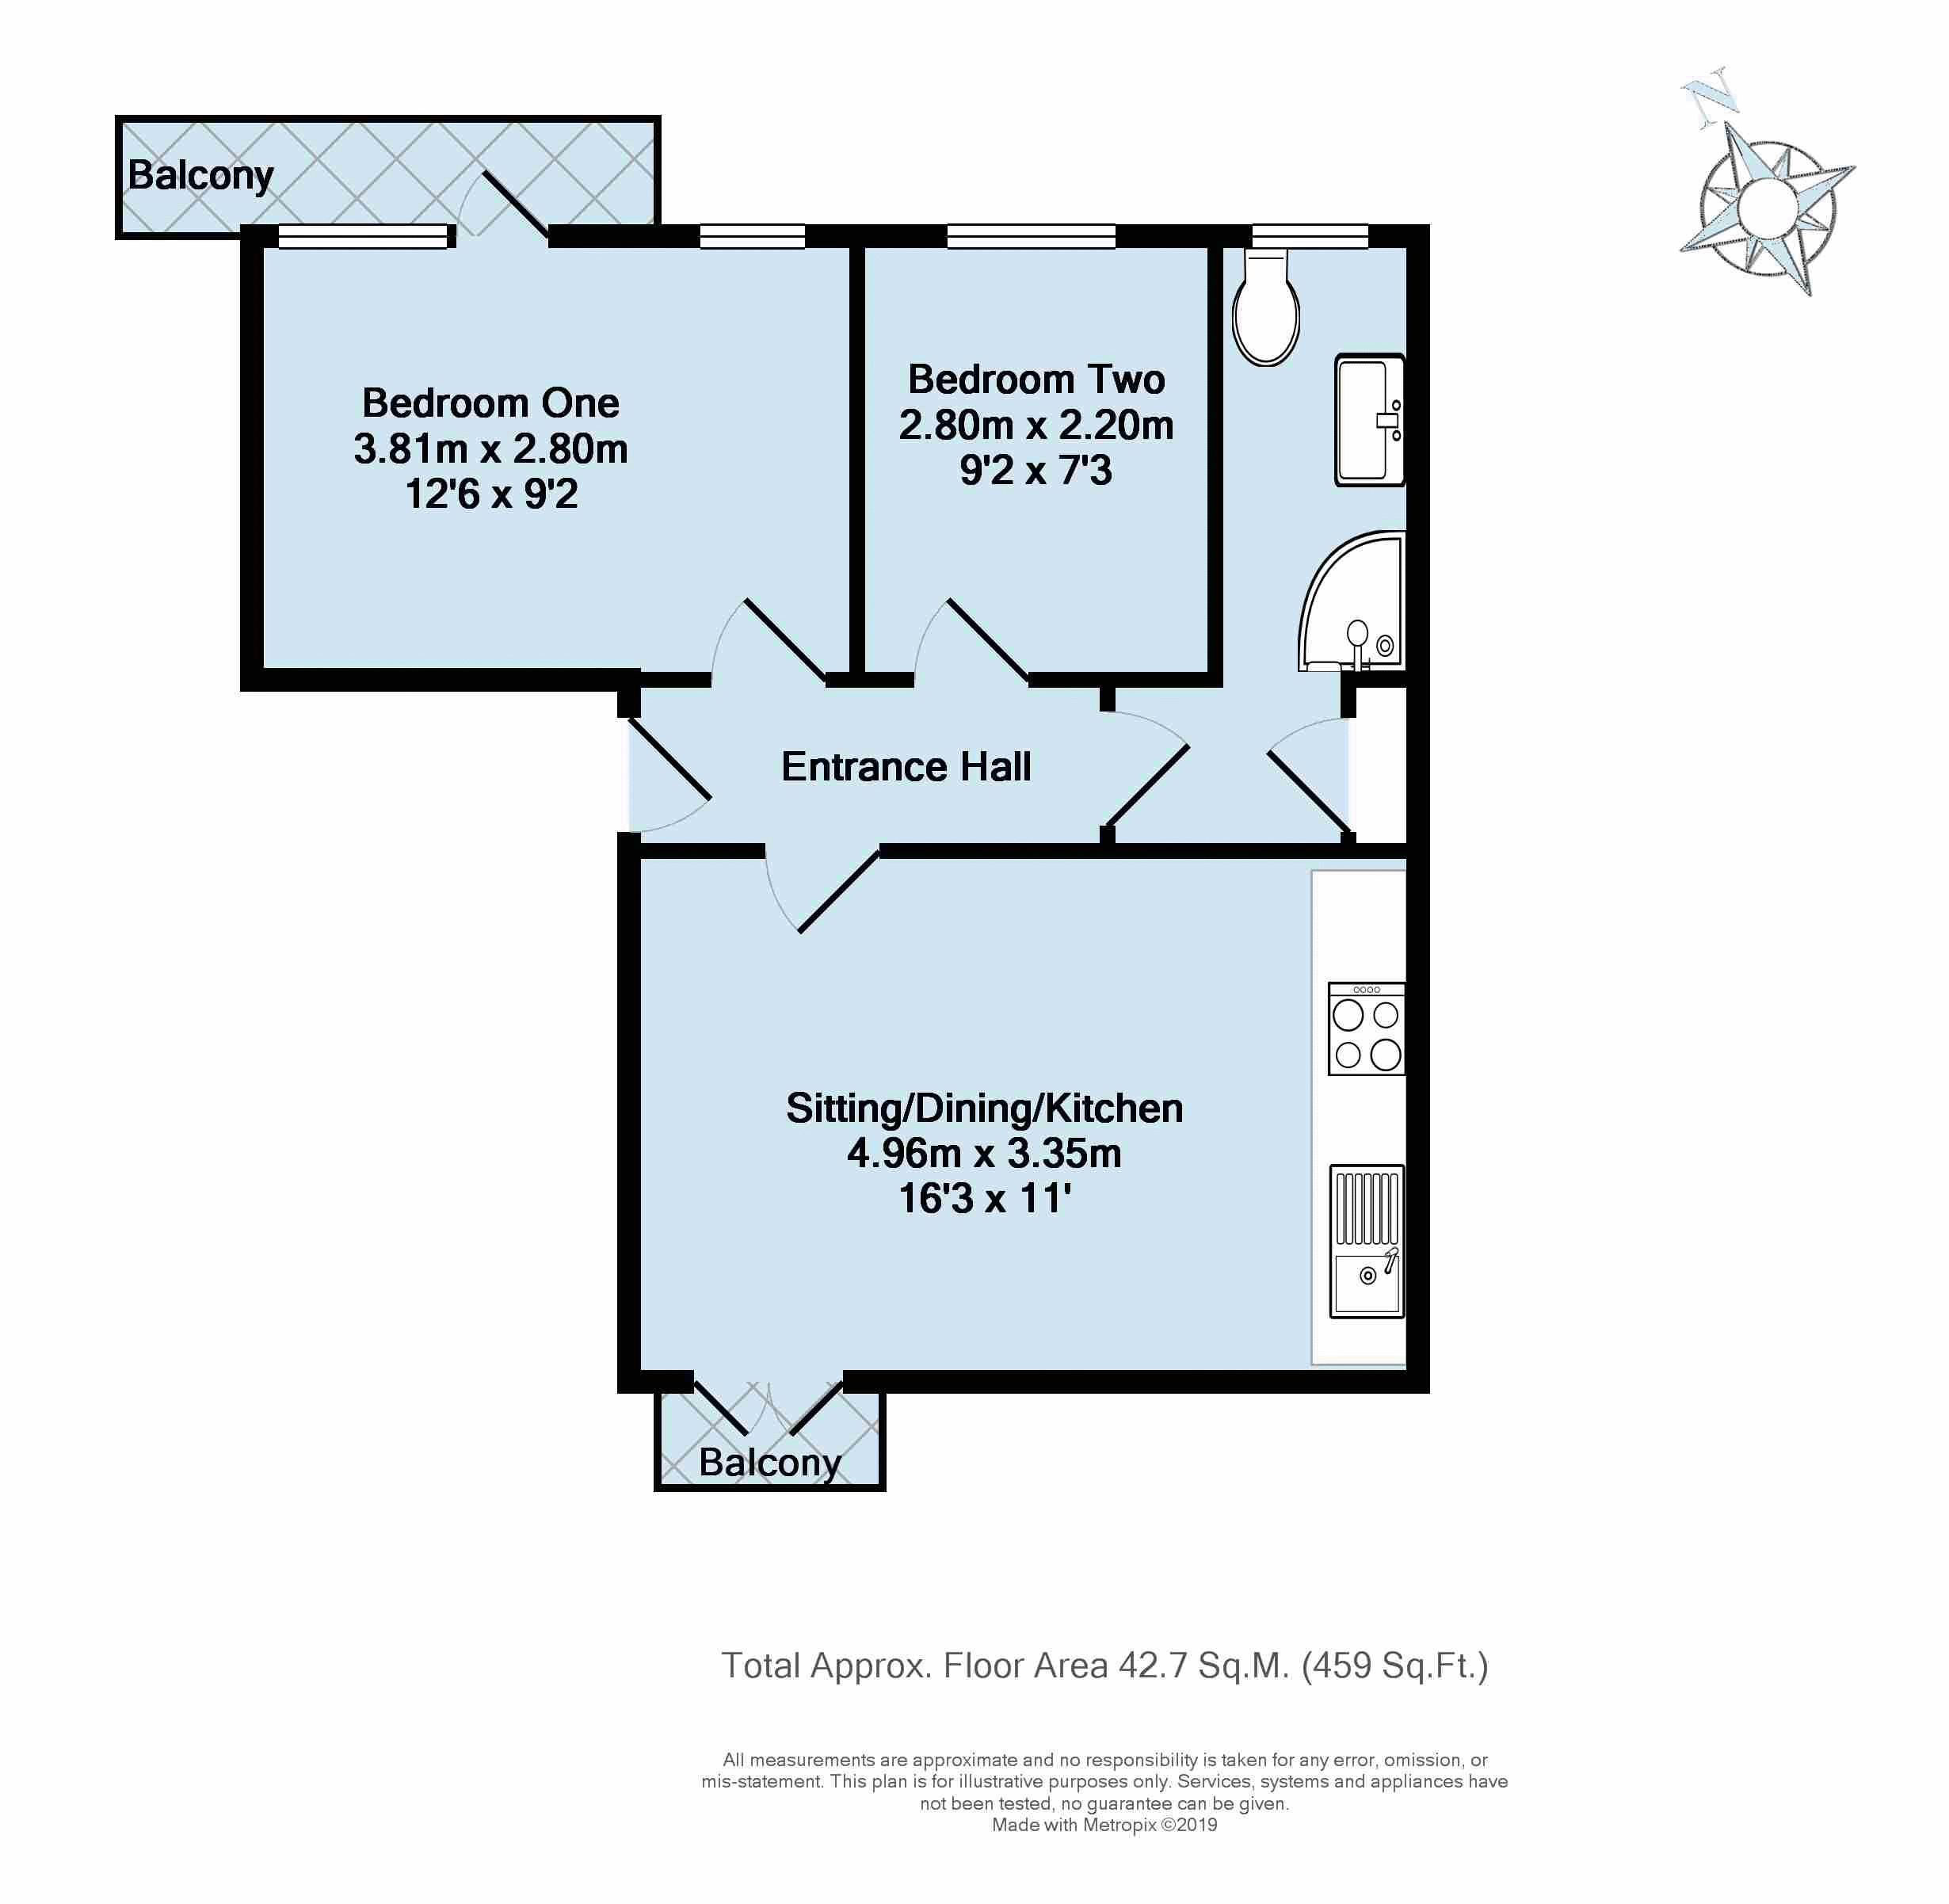 9KC - Floorplan